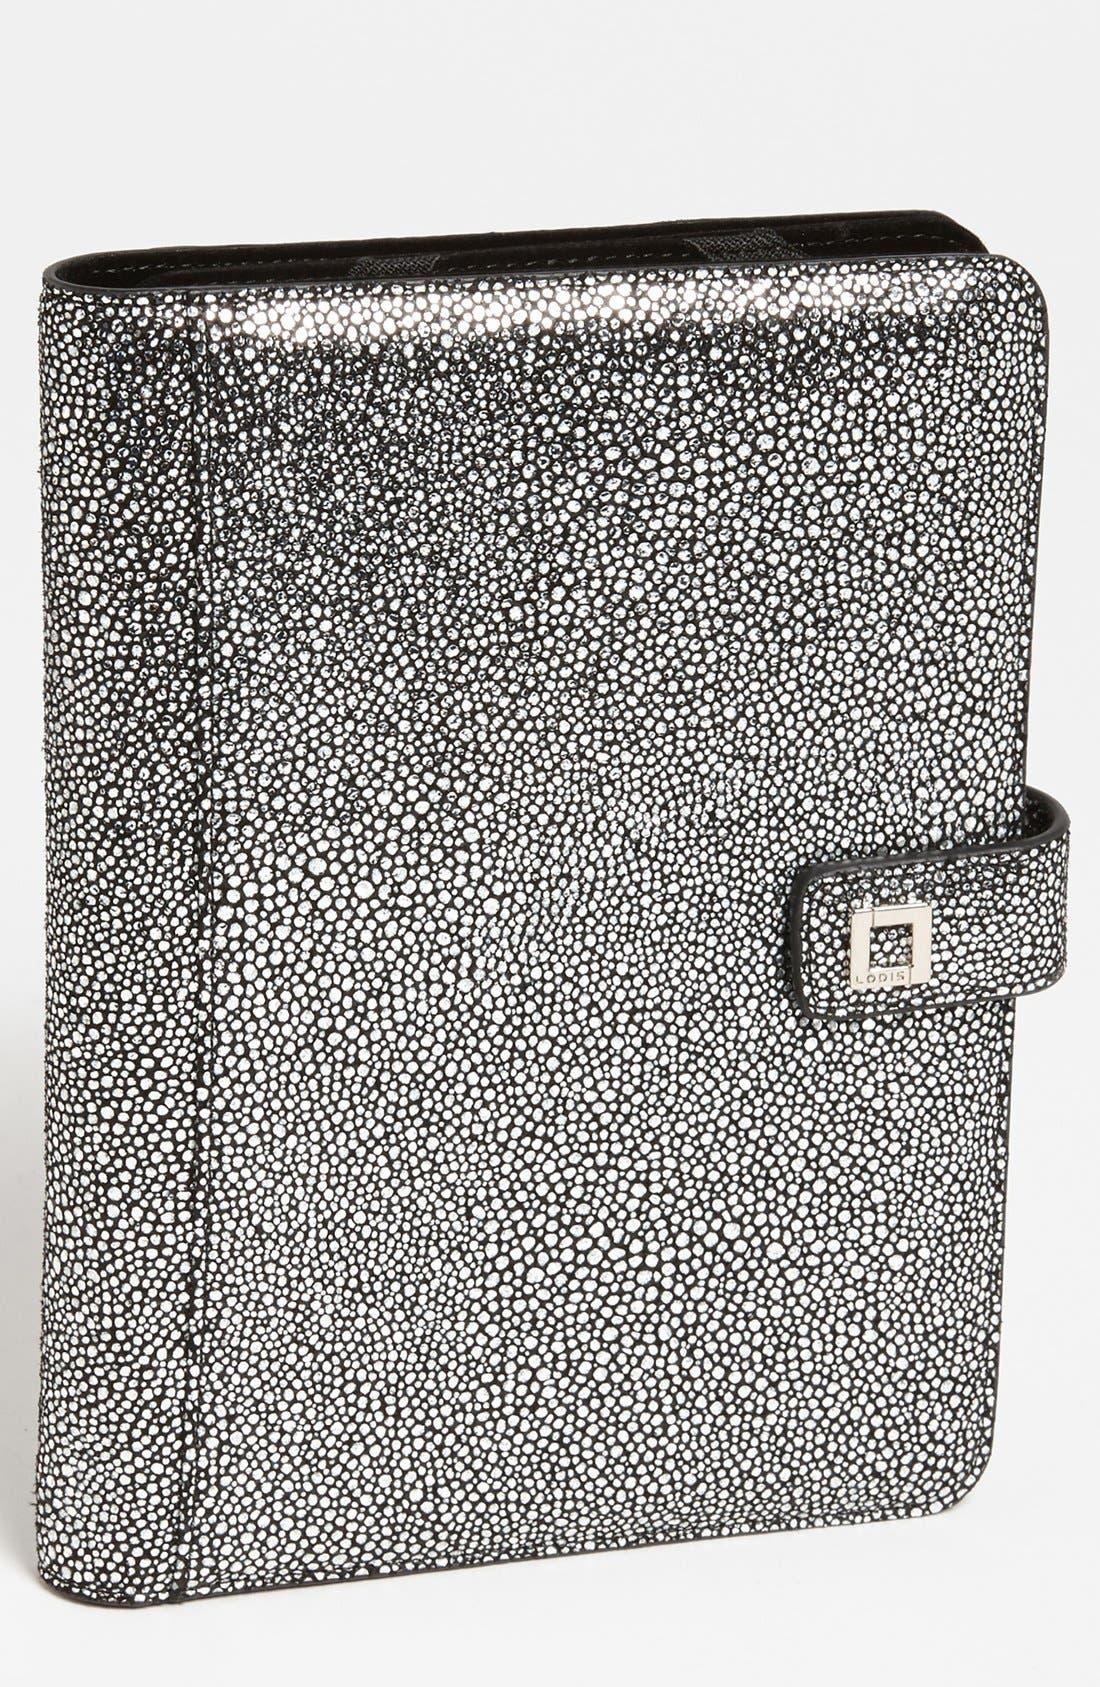 Alternate Image 1 Selected - Lodis 'Fairfax Avenue - Willow' iPad mini Easel